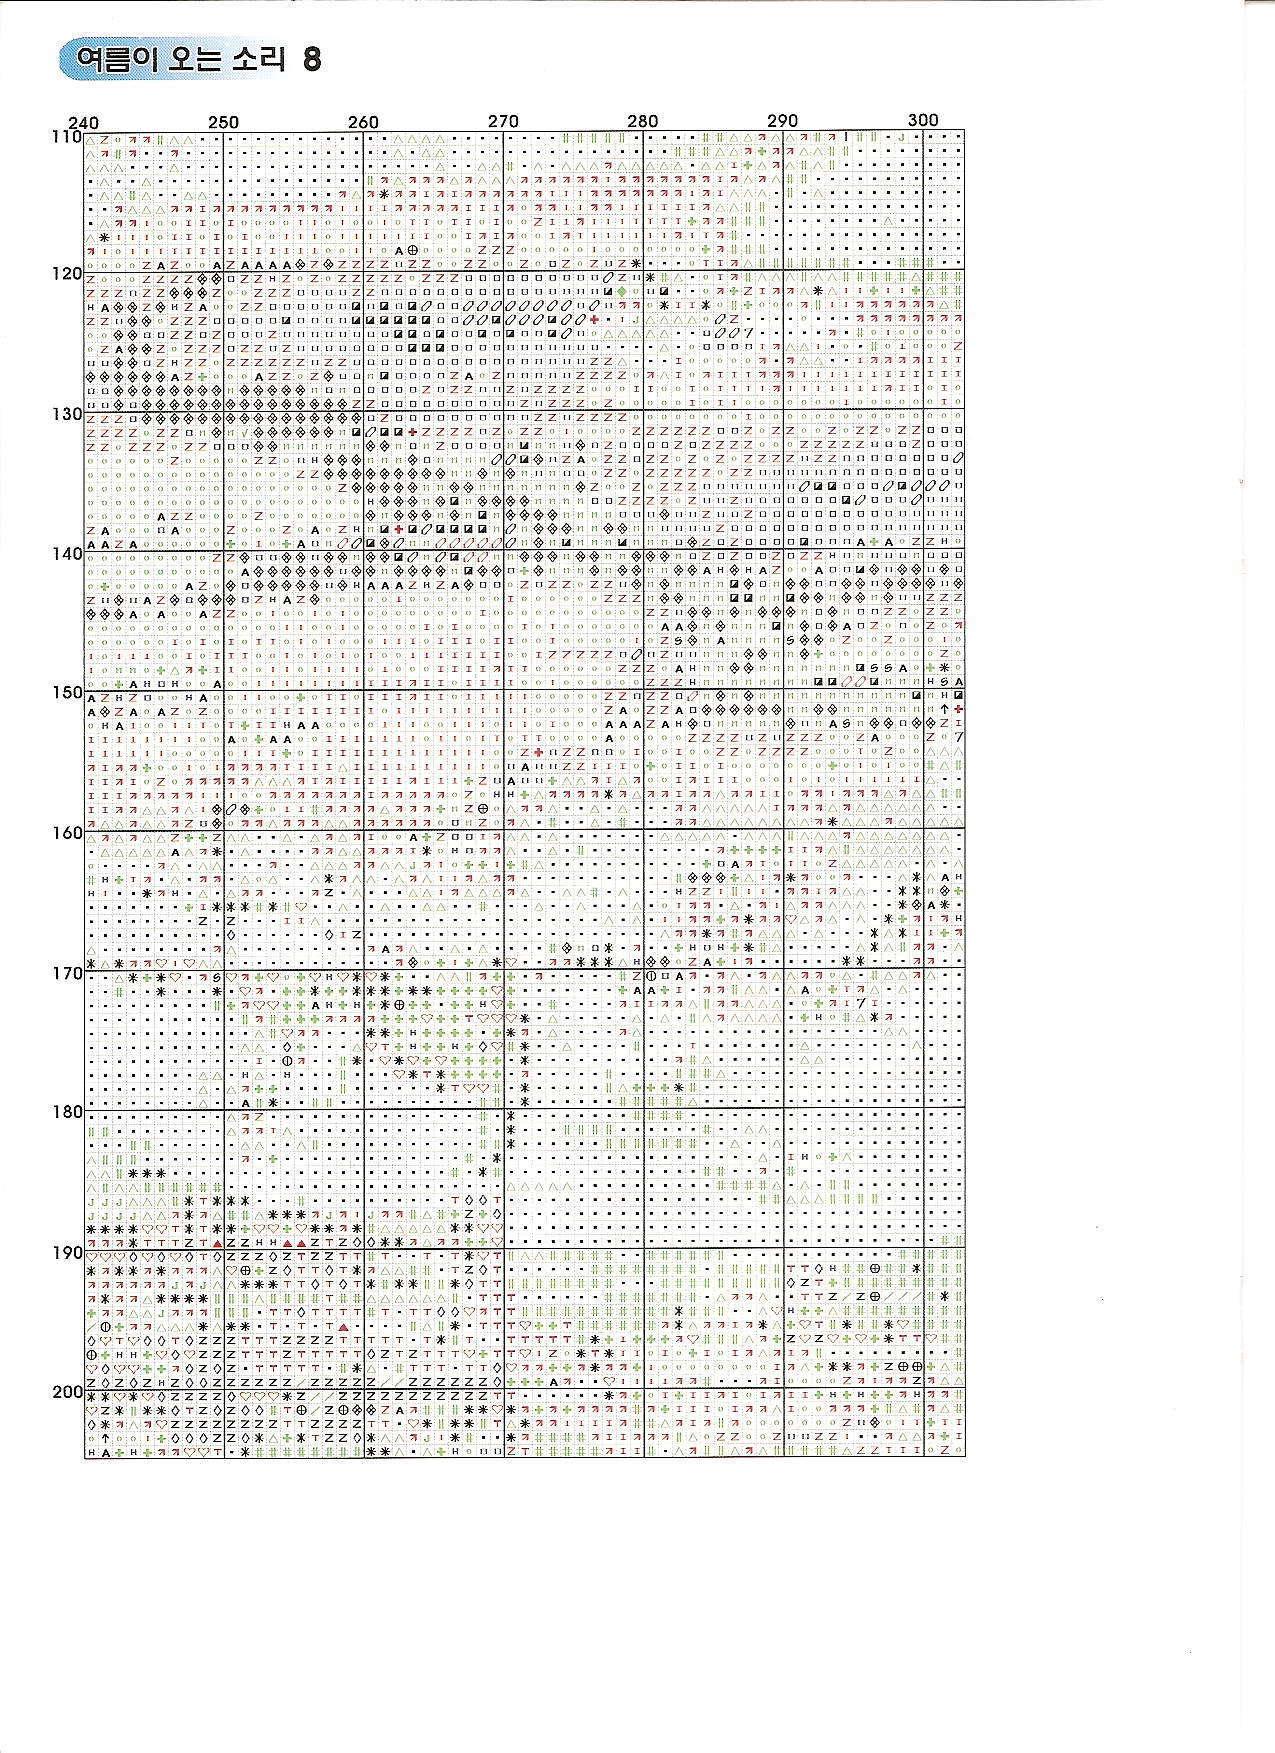 схема деревенского домика анкор